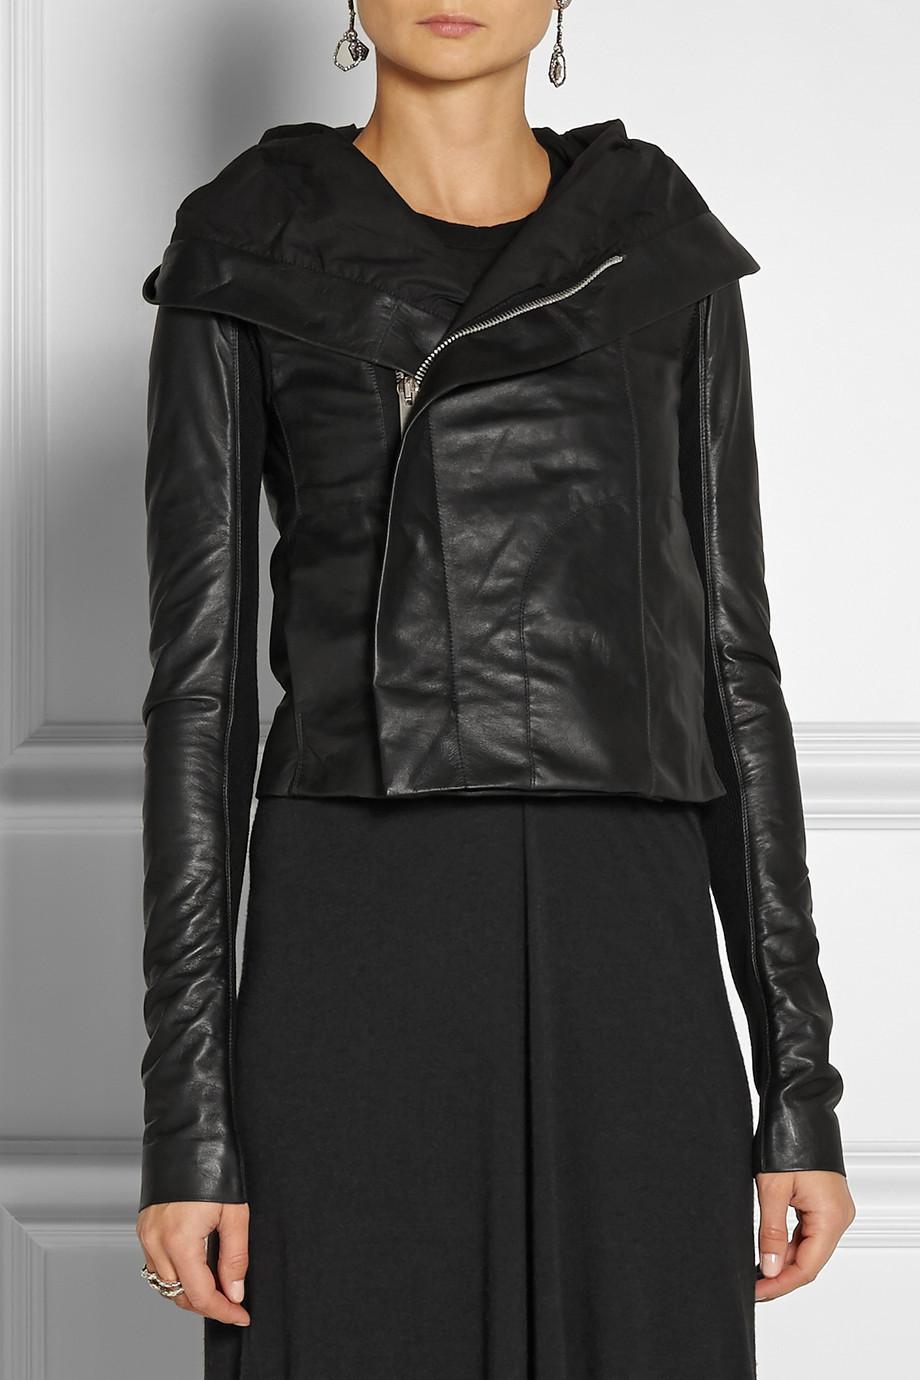 WOMENu0026#39;S HOODED LEATHER JACKET WOMEN BLACK COLOR LEATHER JACKET FASHION JACKET - Coats U0026 Jackets